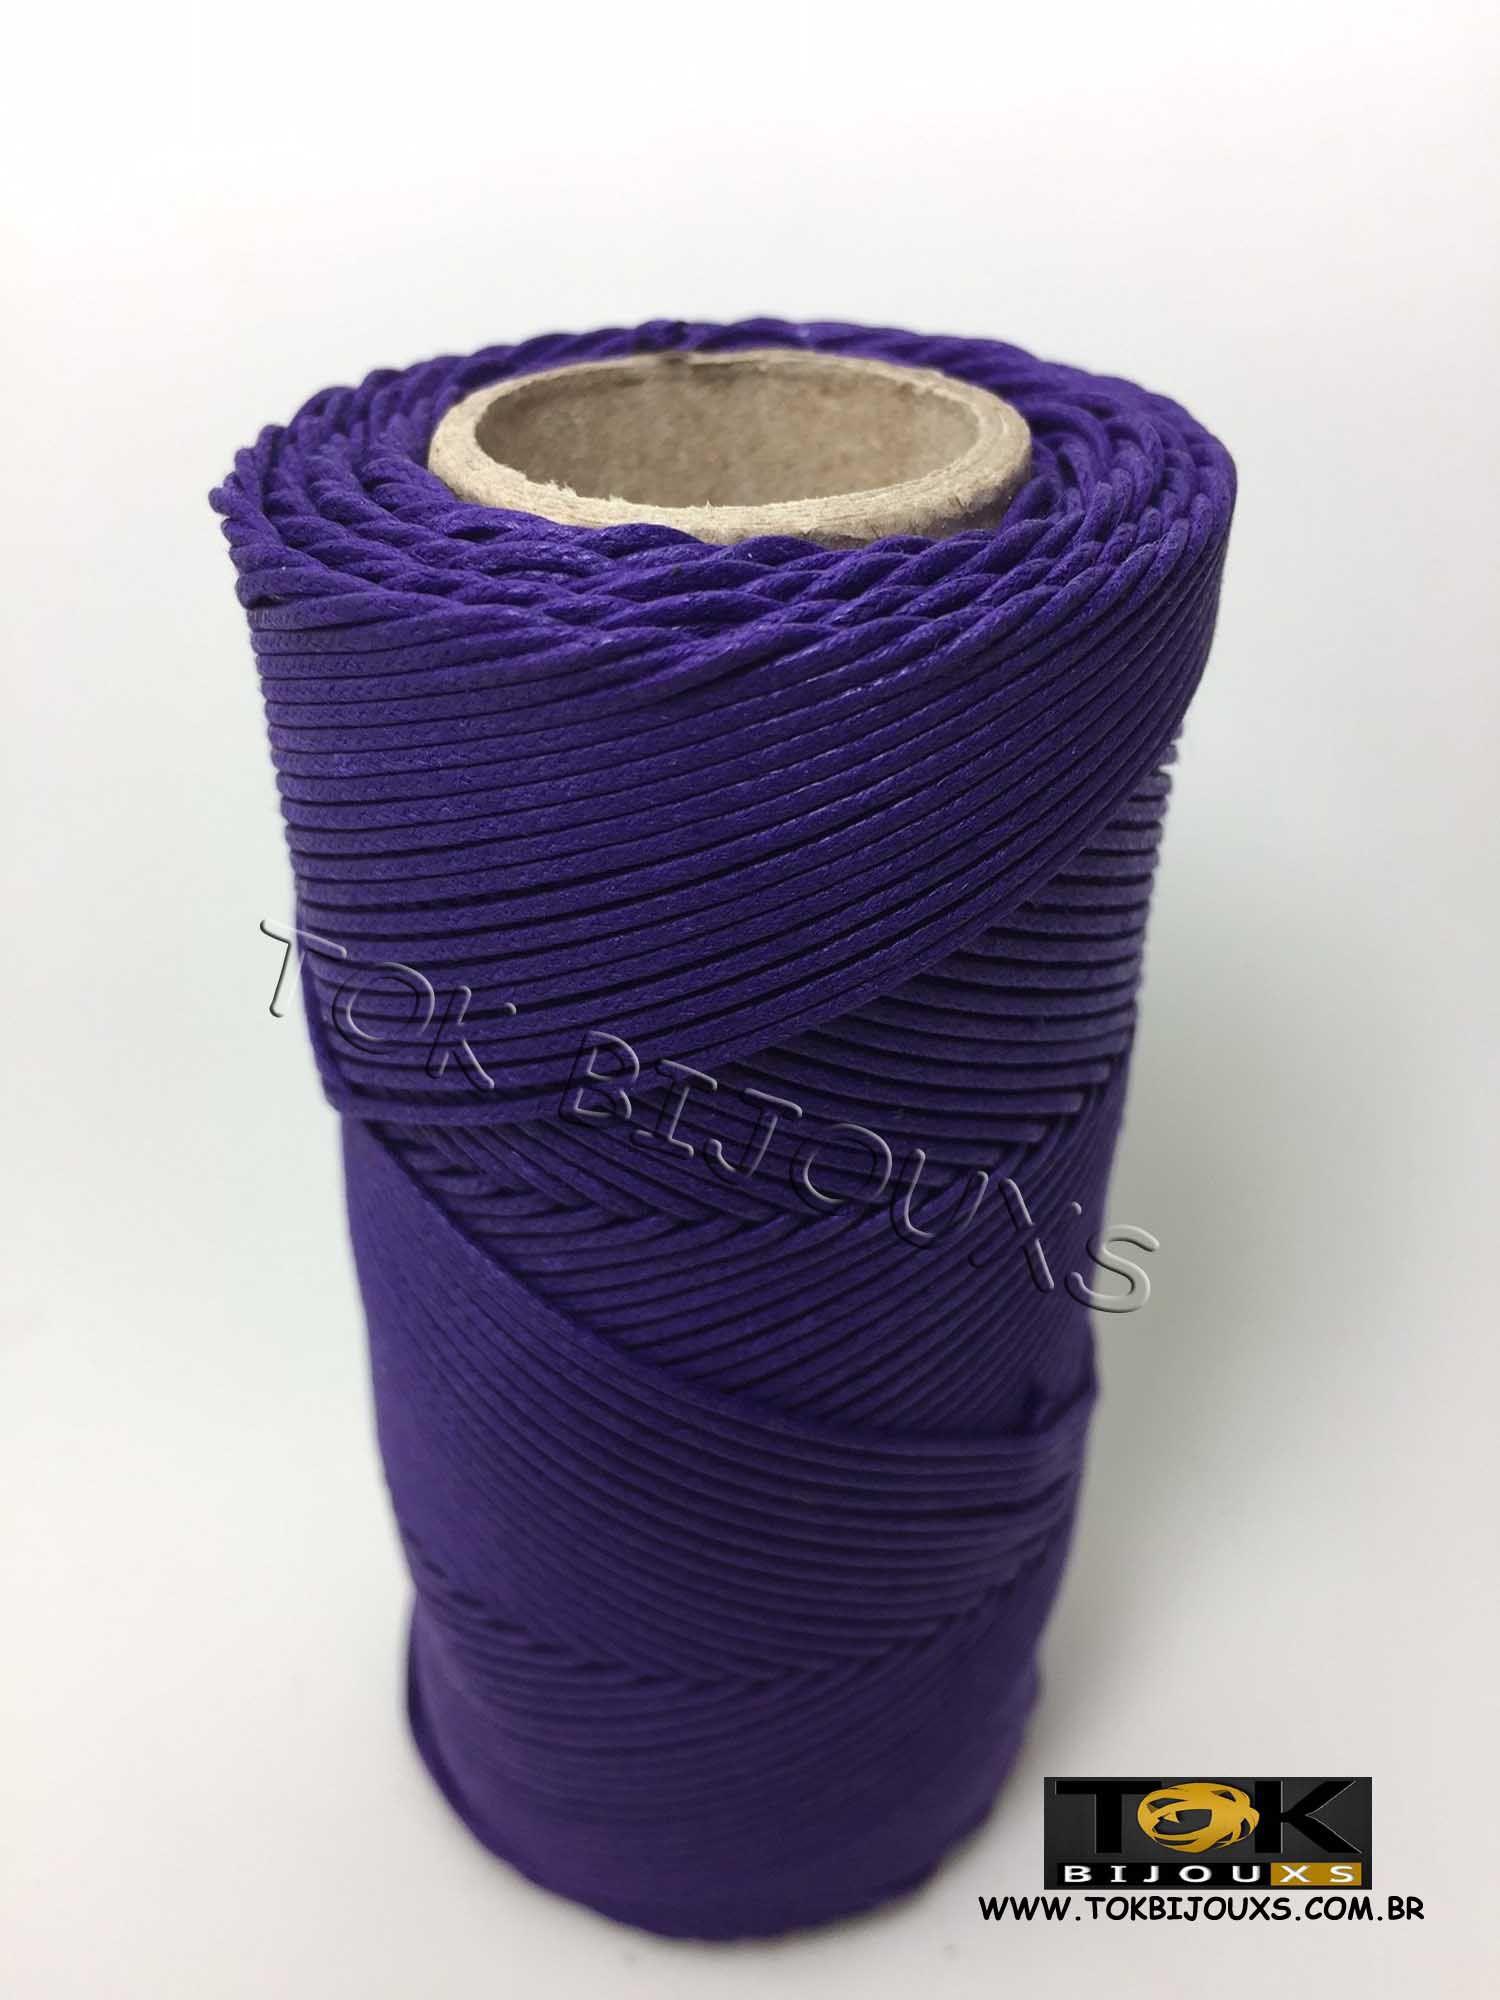 Cordão Encerado Algodão - 1,5mm - Roxo